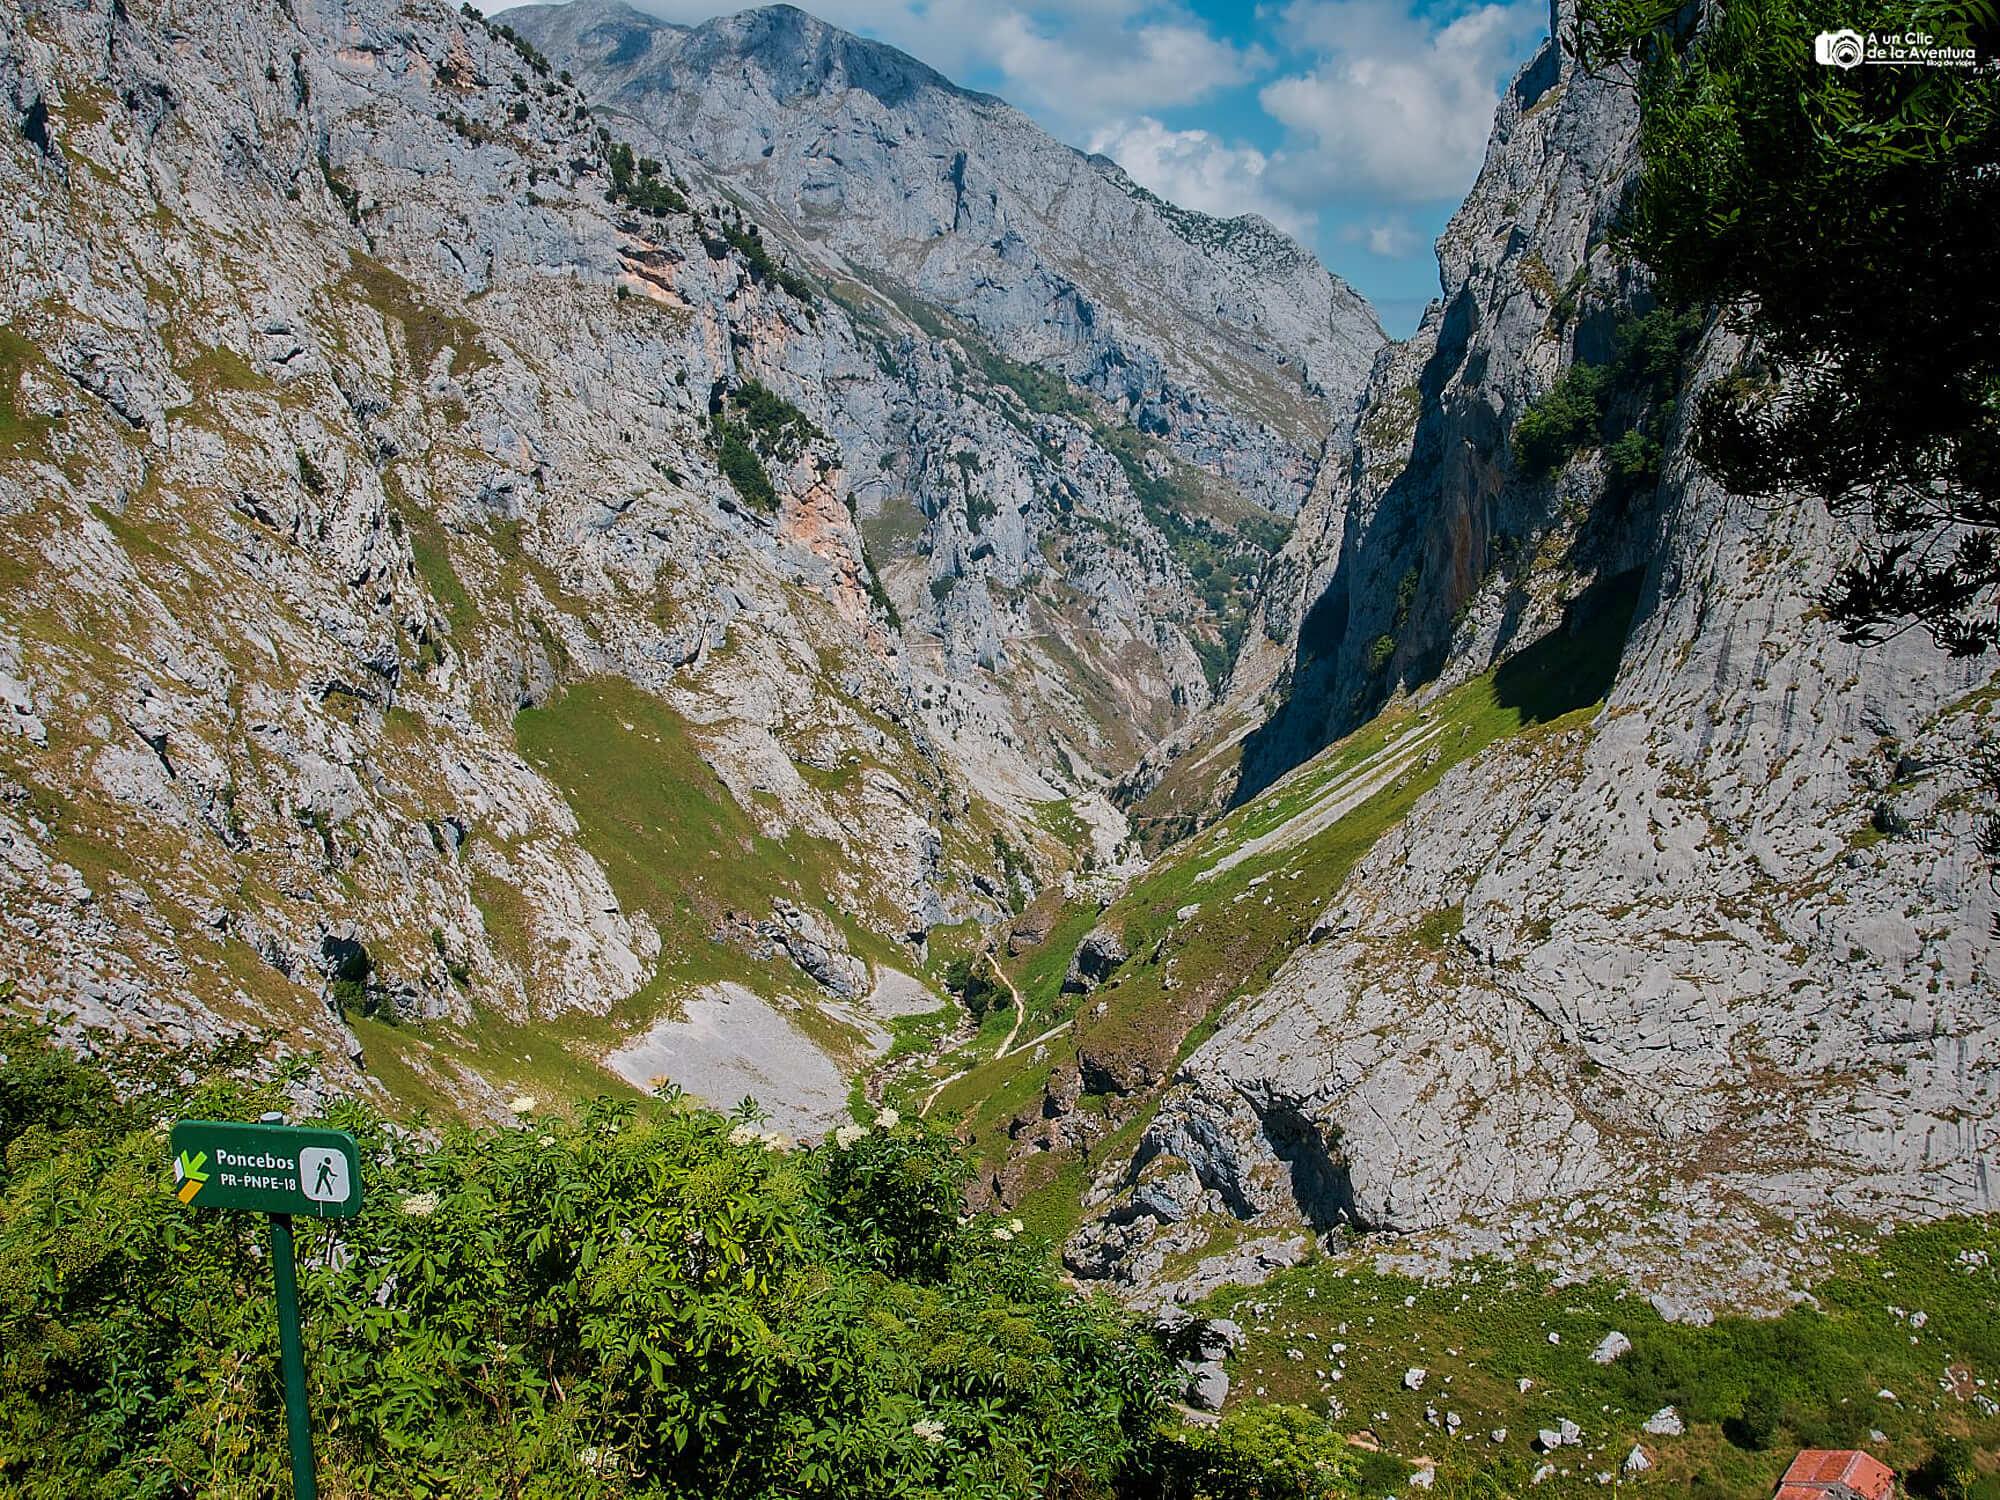 Ruta de Puente Poncebos a Bulnes - Rutas por los Picos de Europa